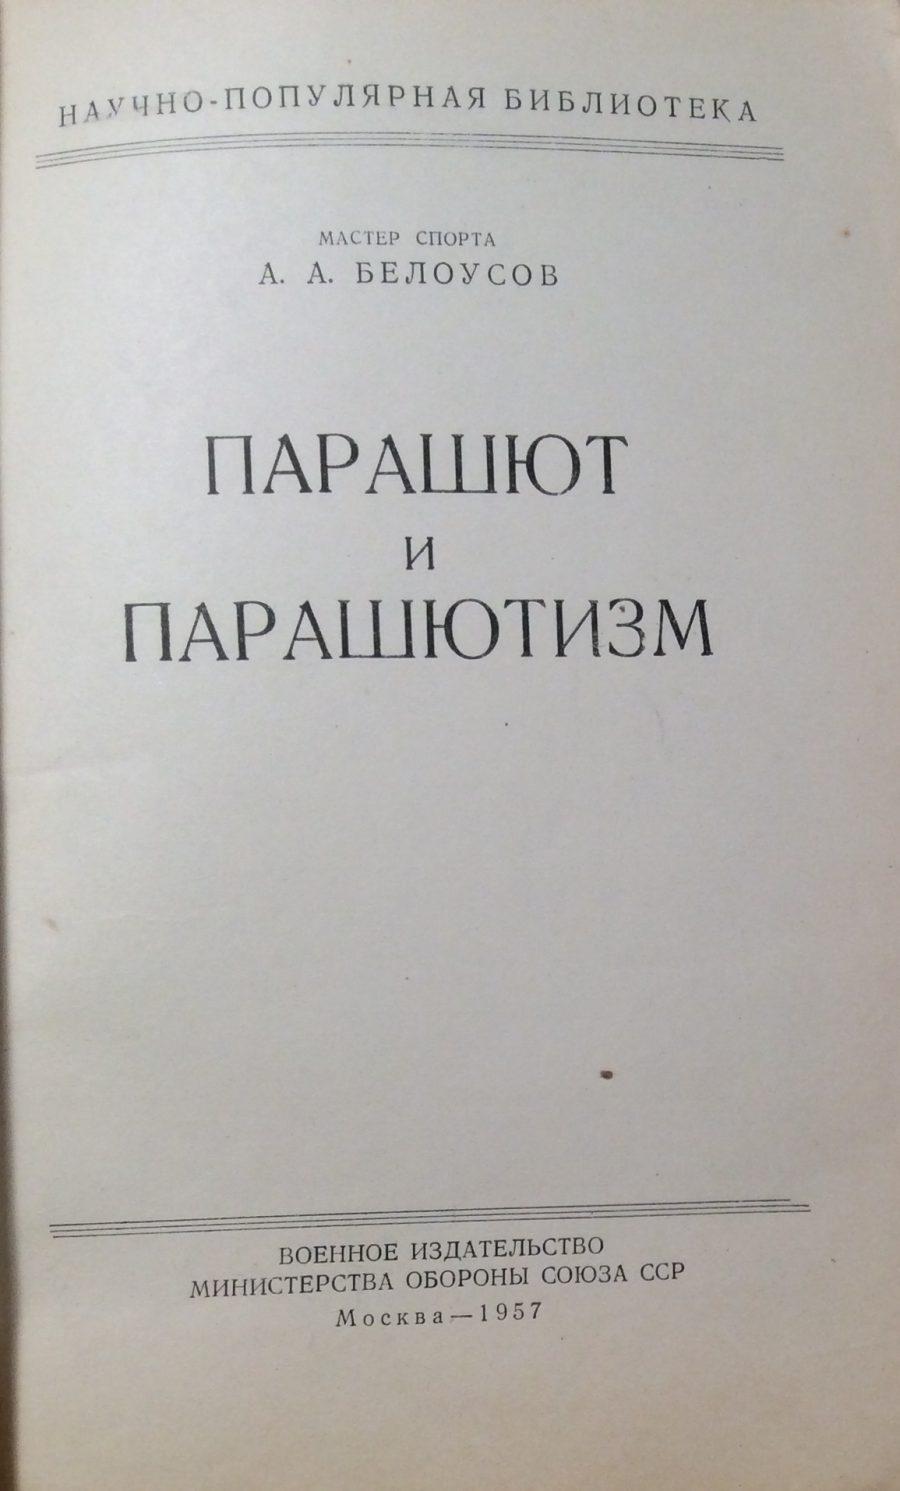 Белоусов А.А. Парашют и парашютизм.